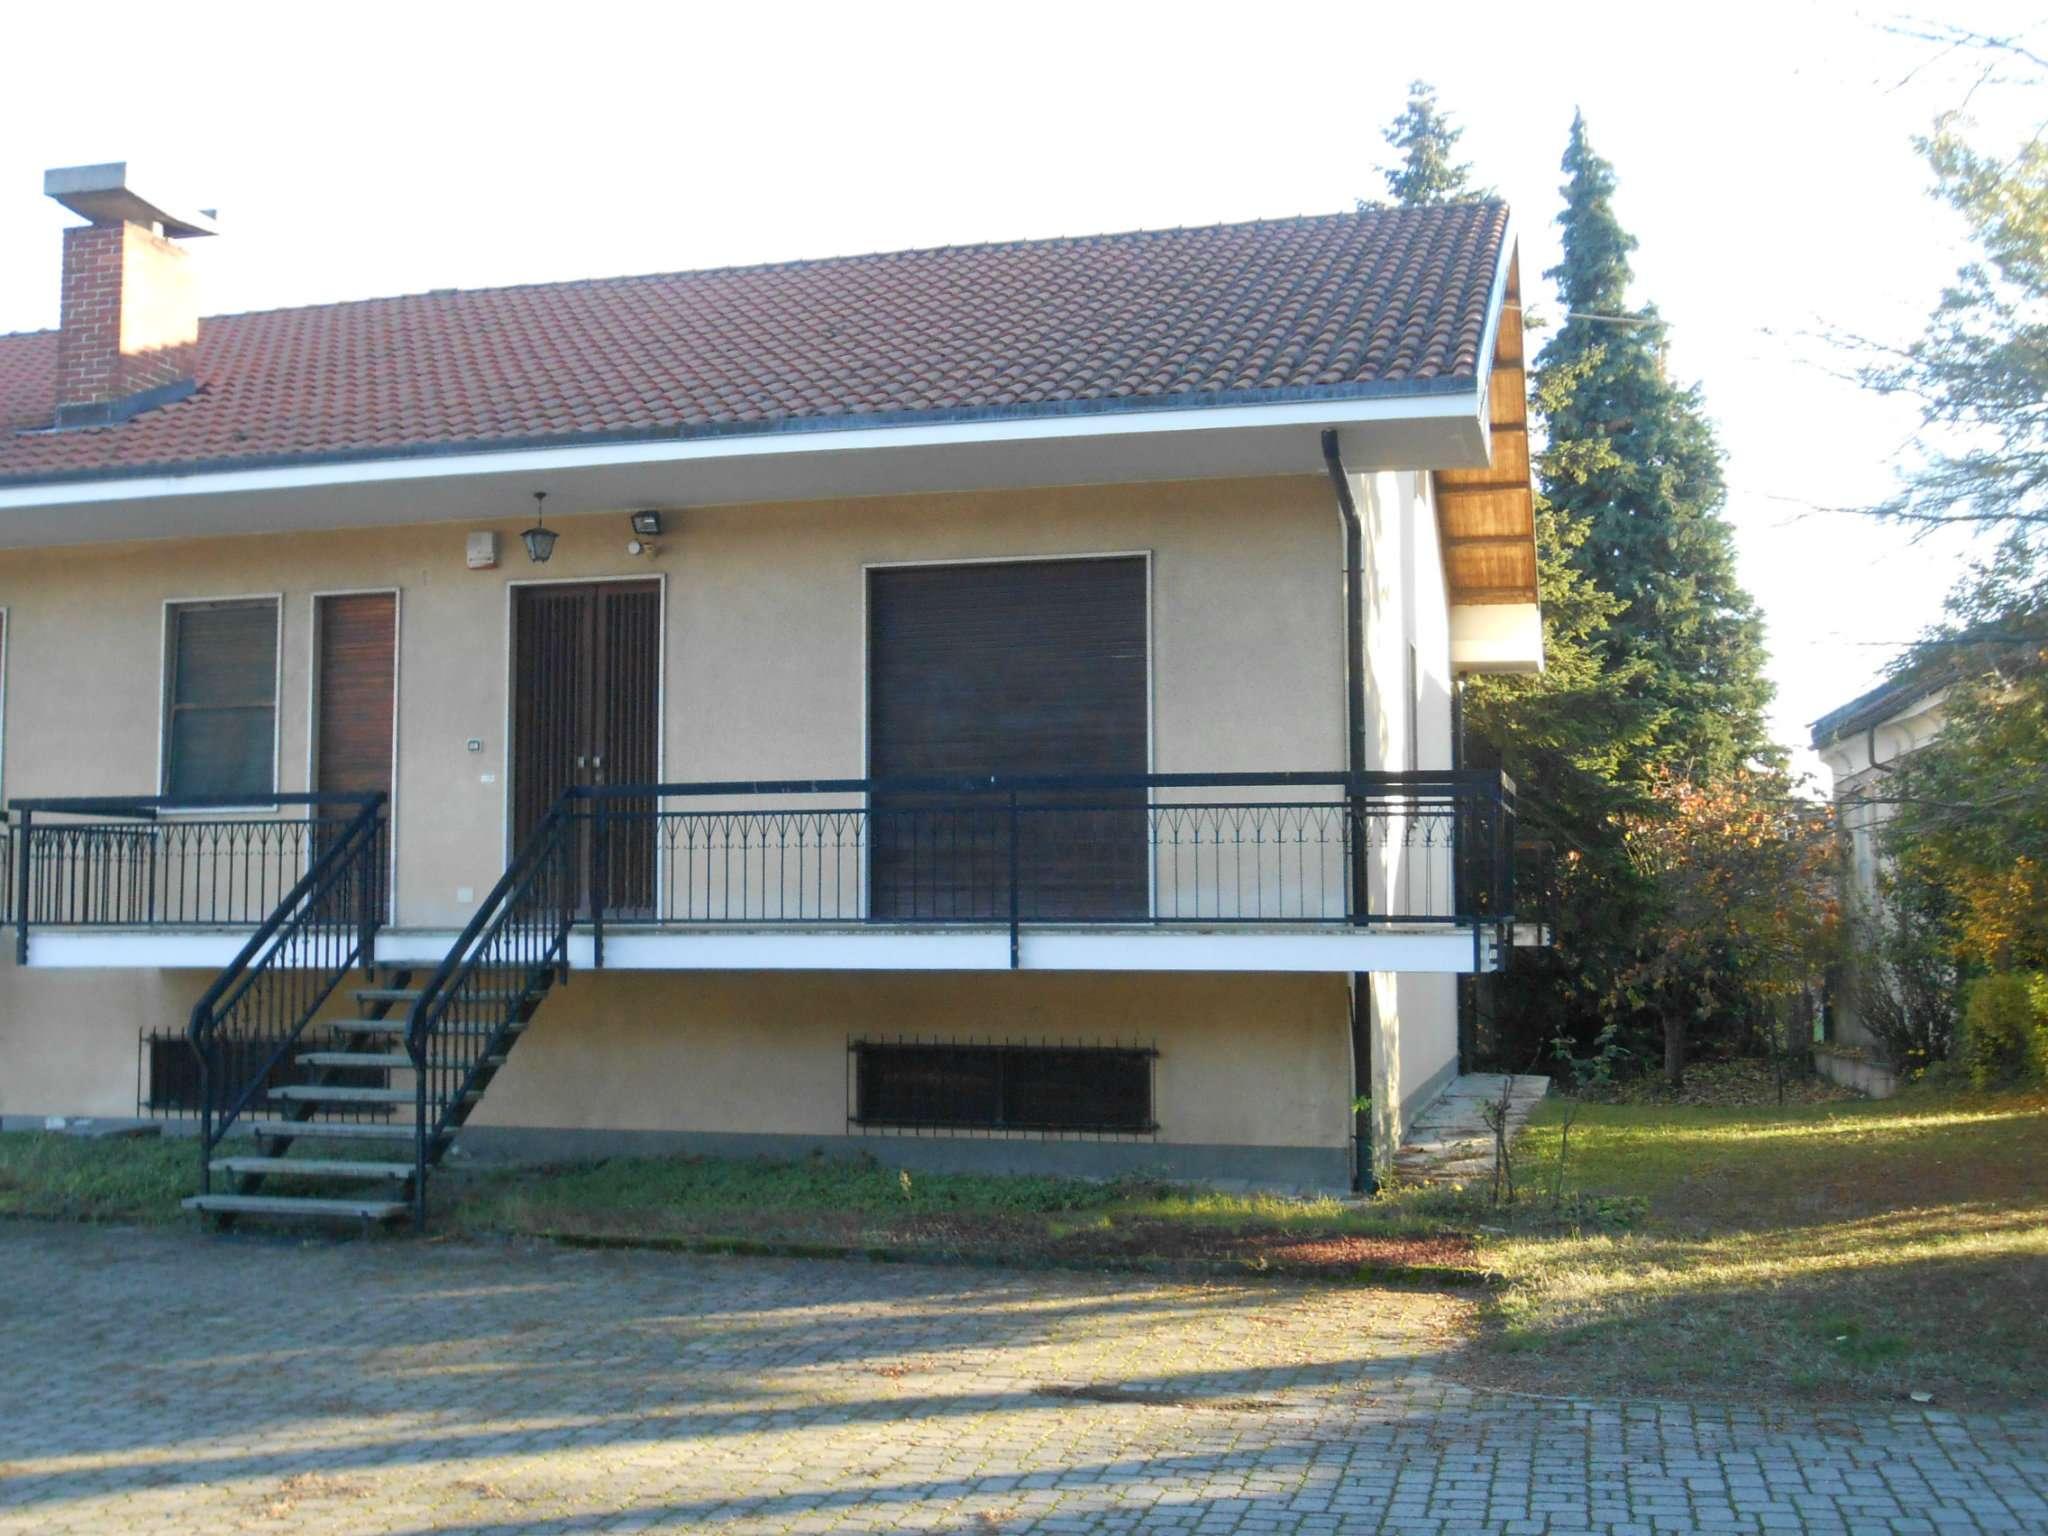 Villa in vendita a Montiglio Monferrato, 7 locali, prezzo € 100.000 | Cambio Casa.it